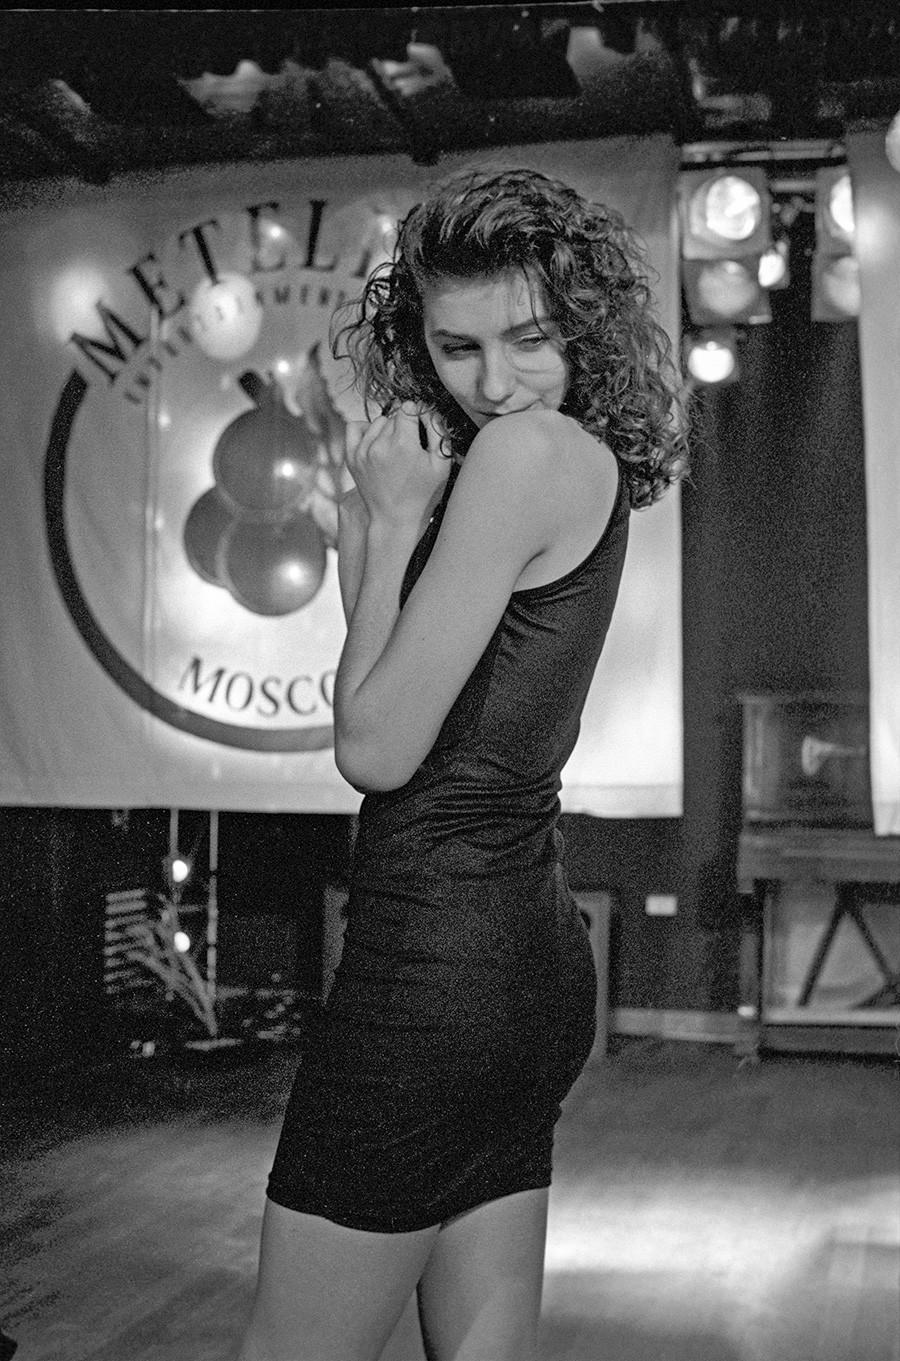 メテリツァ・カジノで行われたミス・コンテスト、1994年